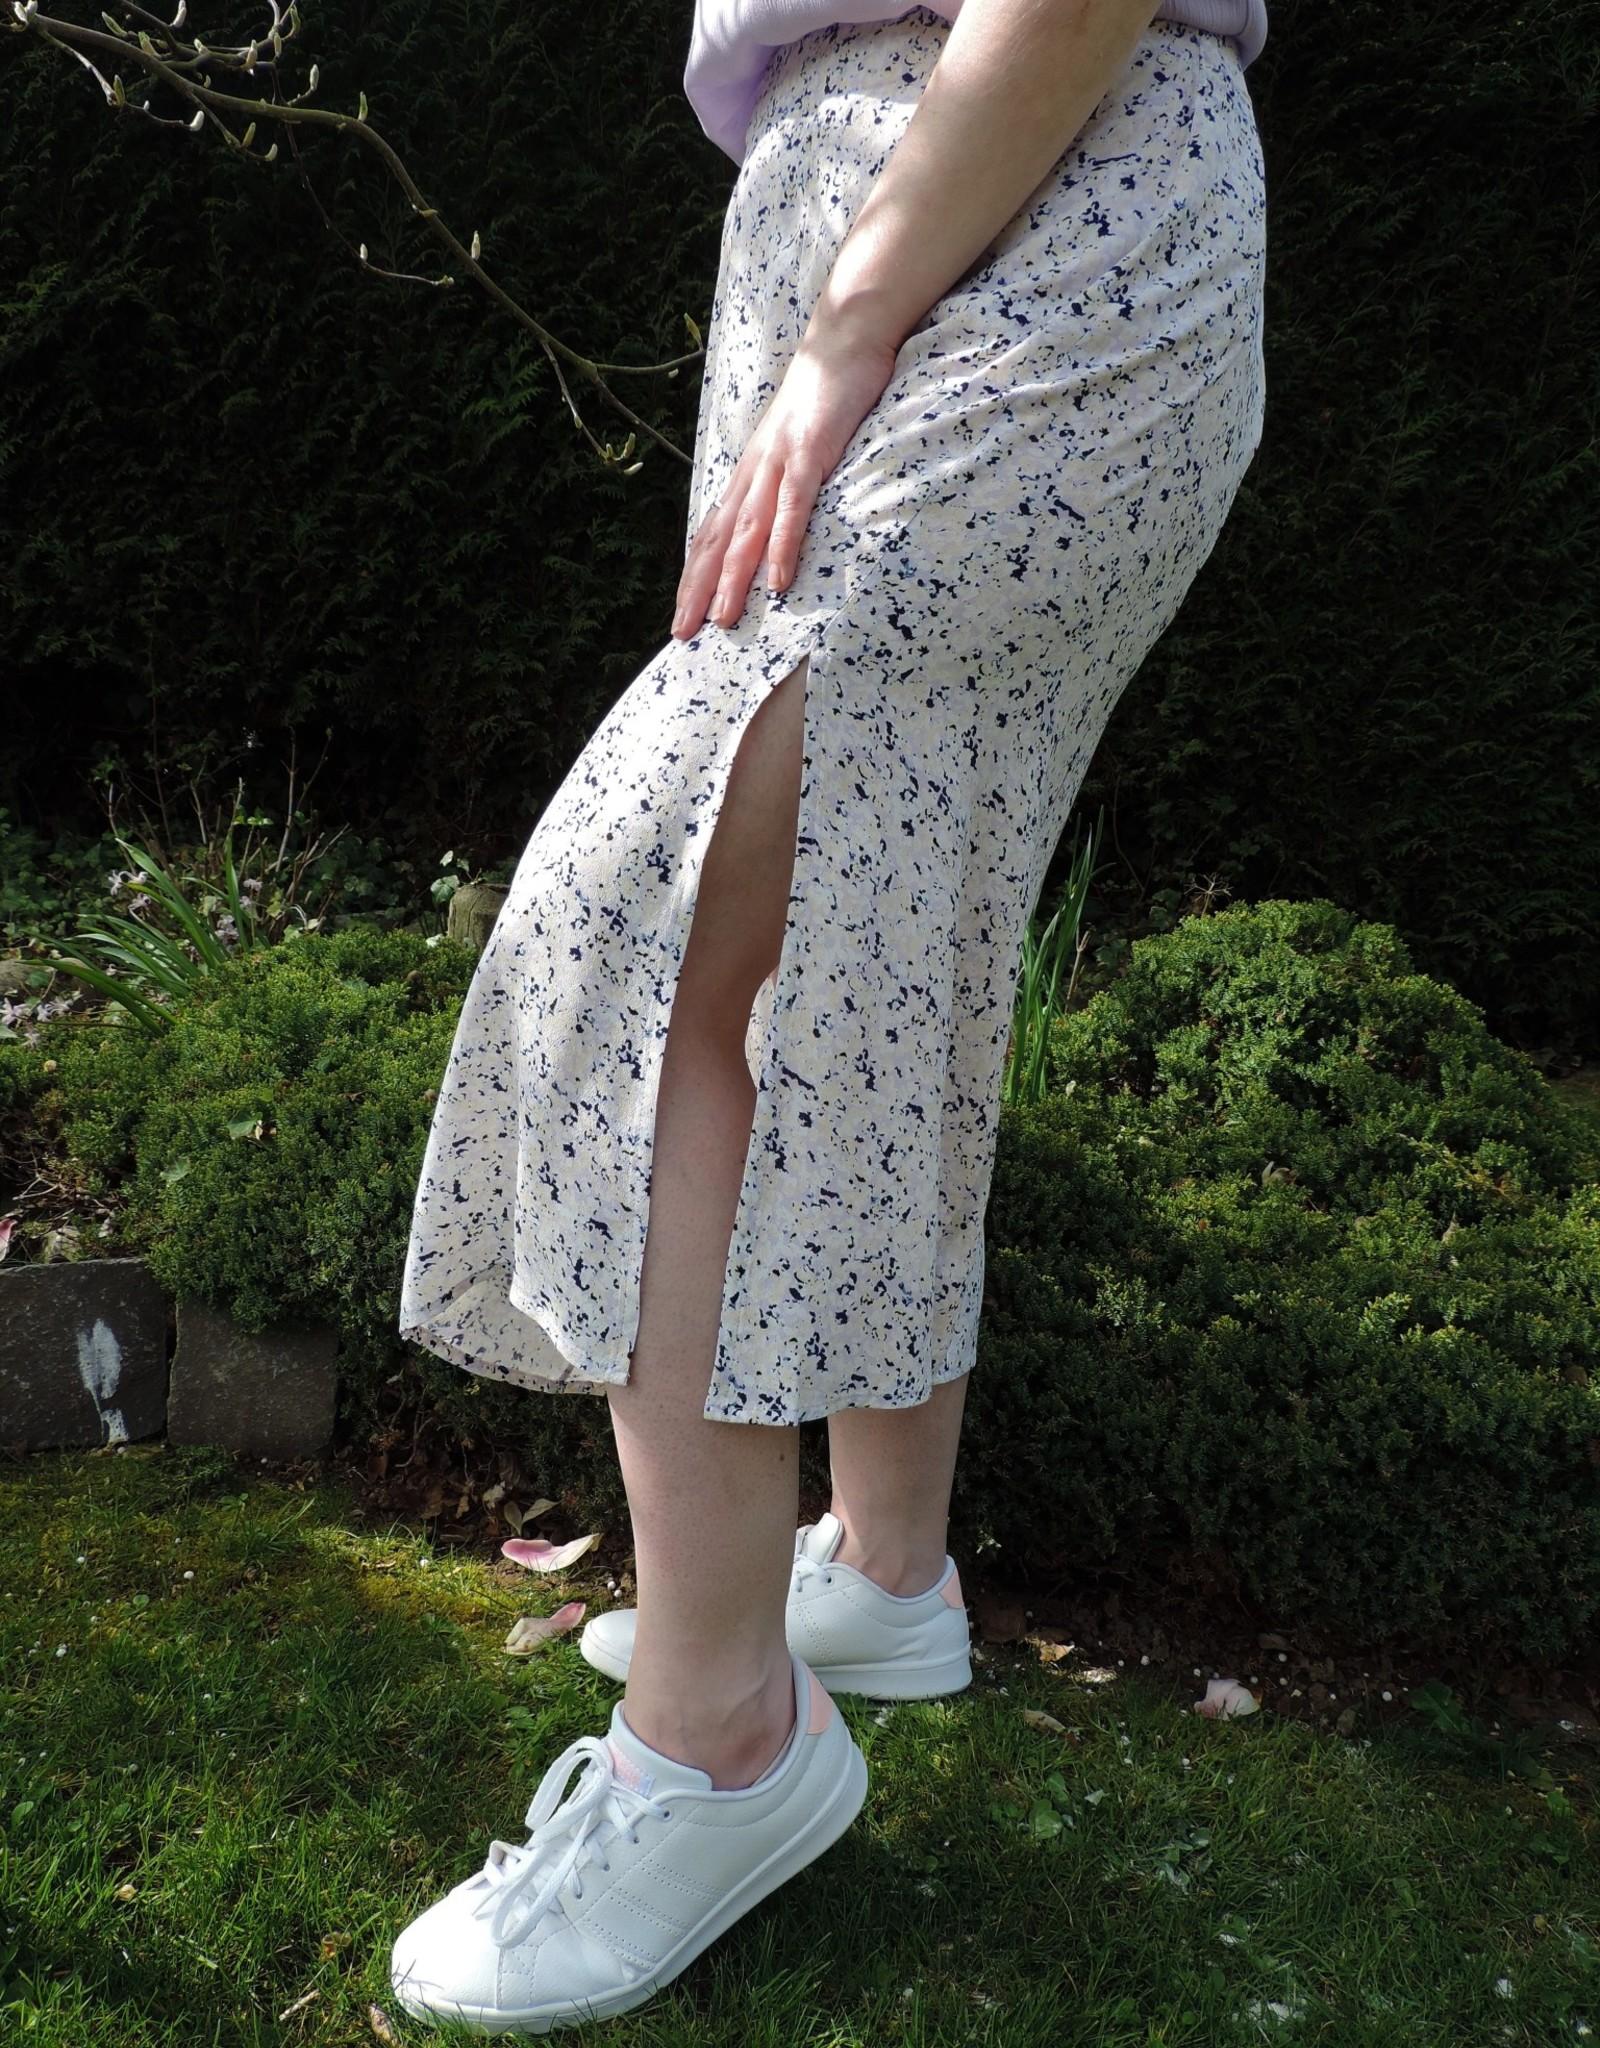 Jeanne skirt